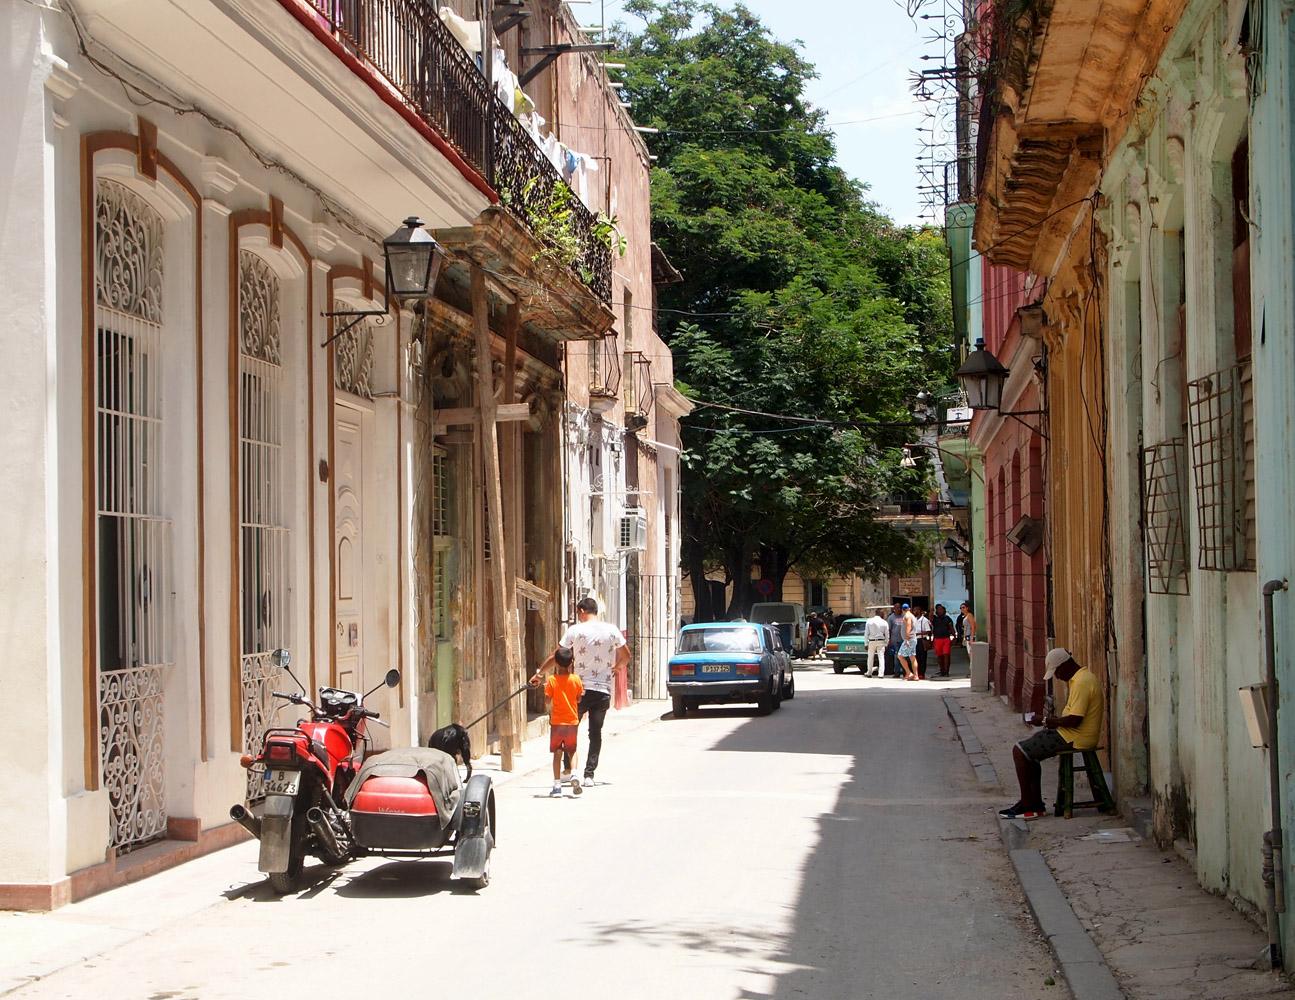 Cuba-Havana-Vieja-Street-Locals